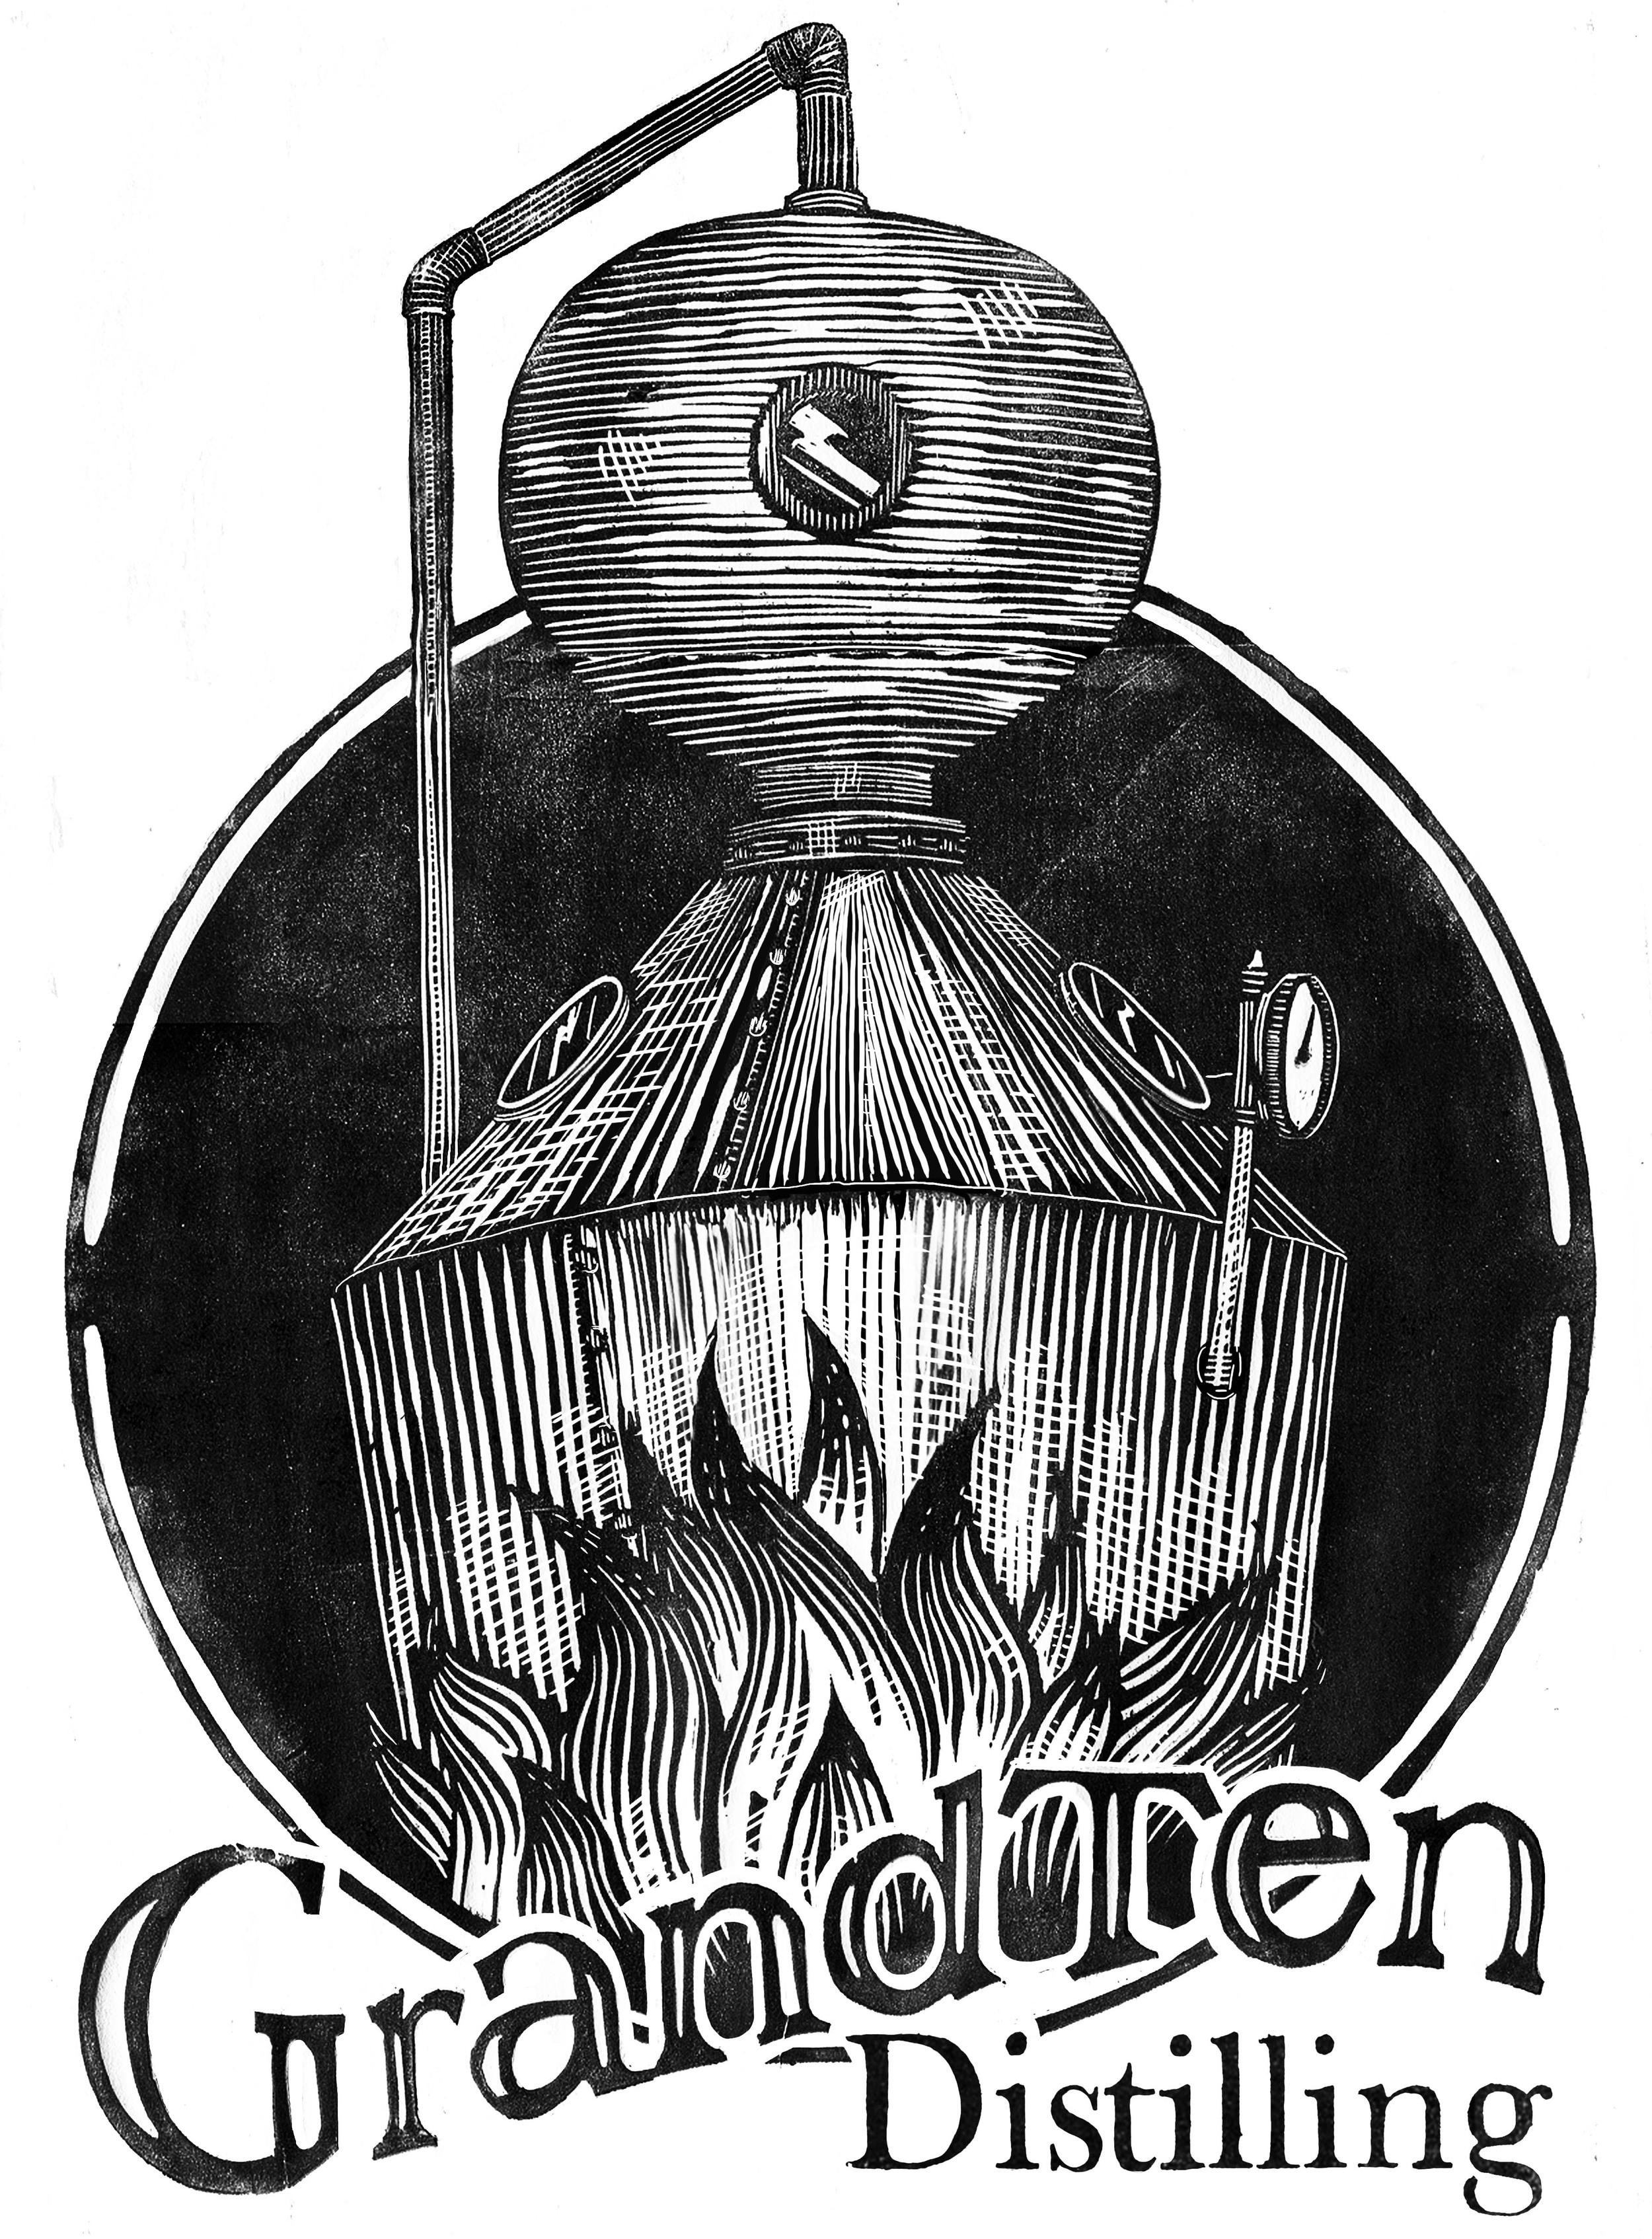 T Shirt for GrandTen Distilling